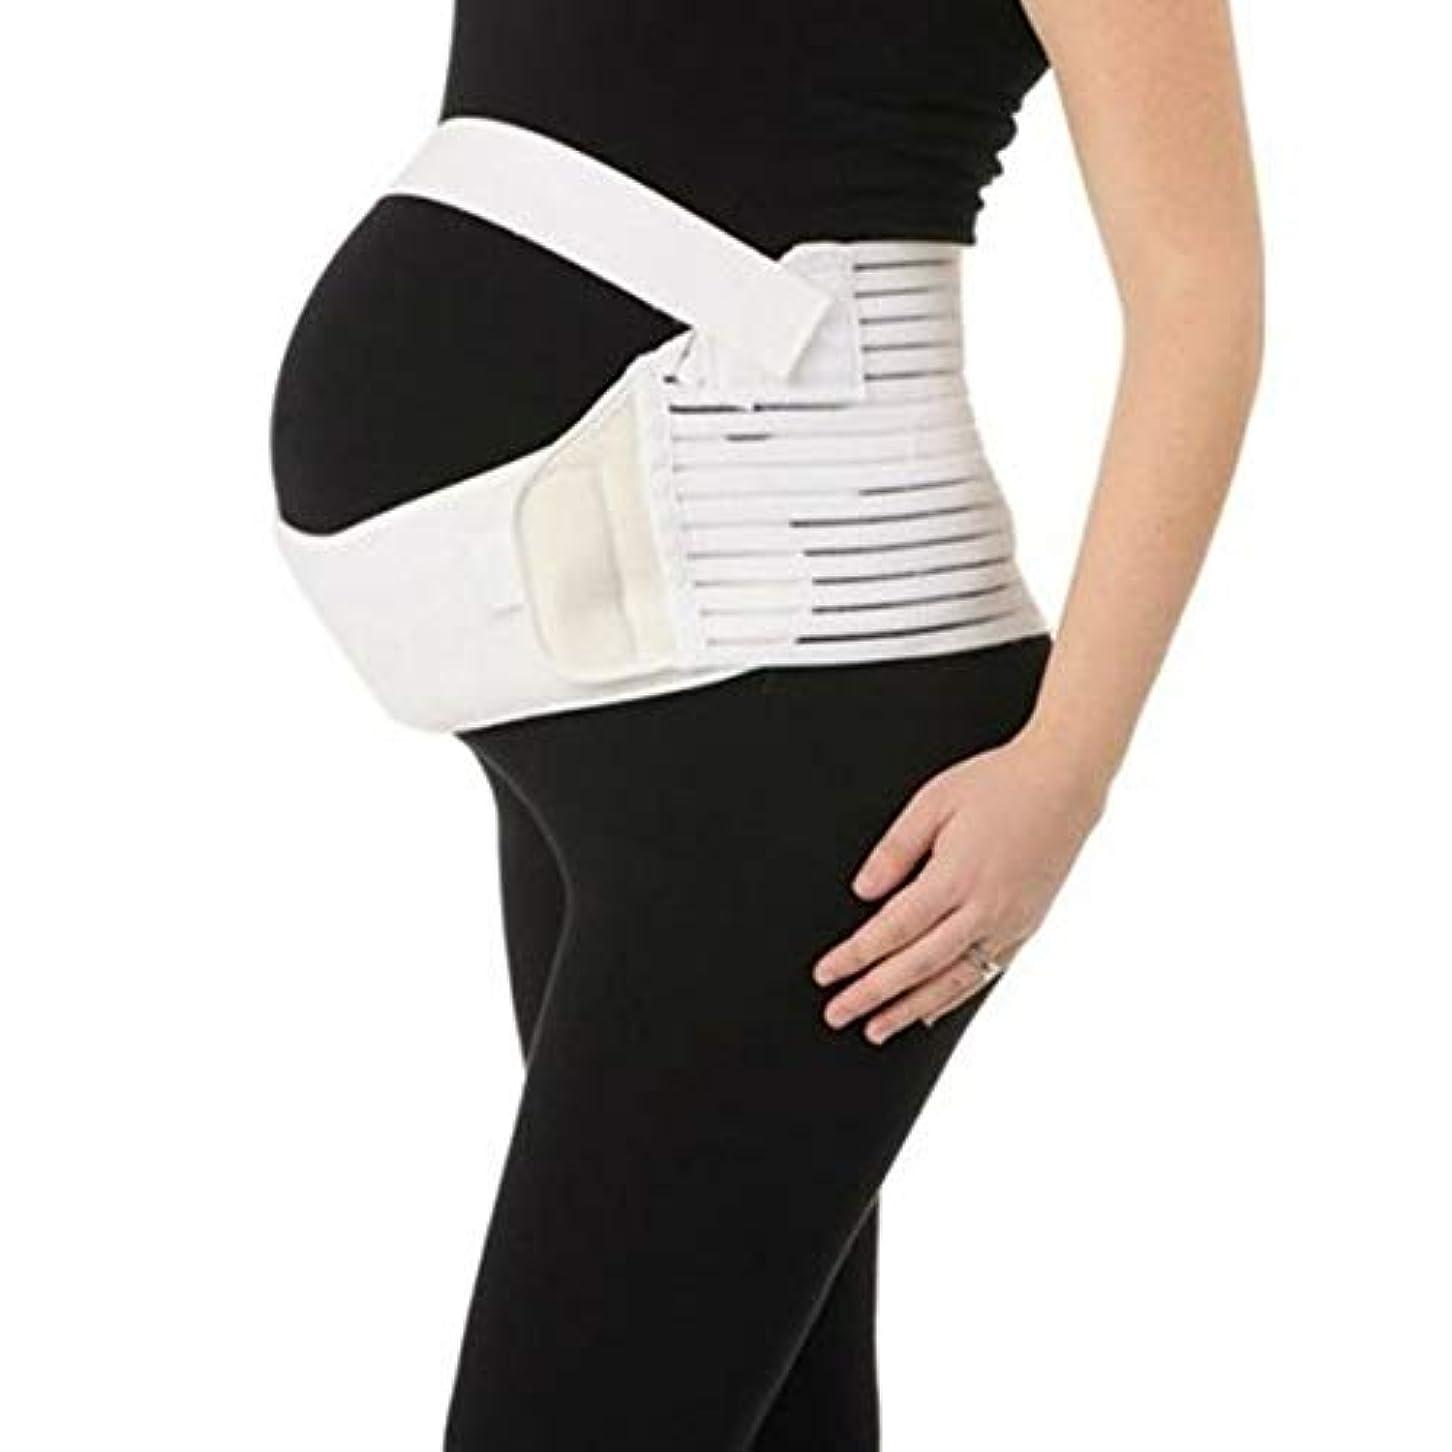 ニュージーランド耳適応的通気性マタニティベルト妊娠腹部サポート腹部バインダーガードル運動包帯産後の回復shapewear - ホワイトL